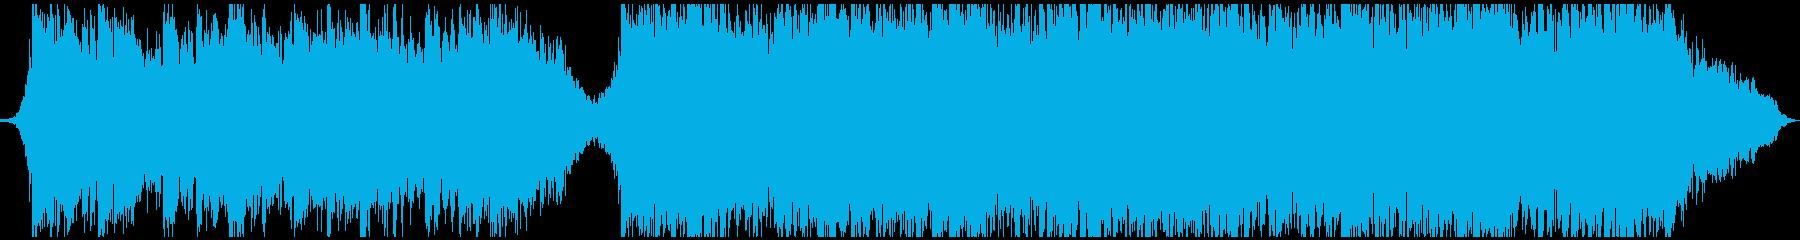 ブレイブエピックシネマティックの再生済みの波形